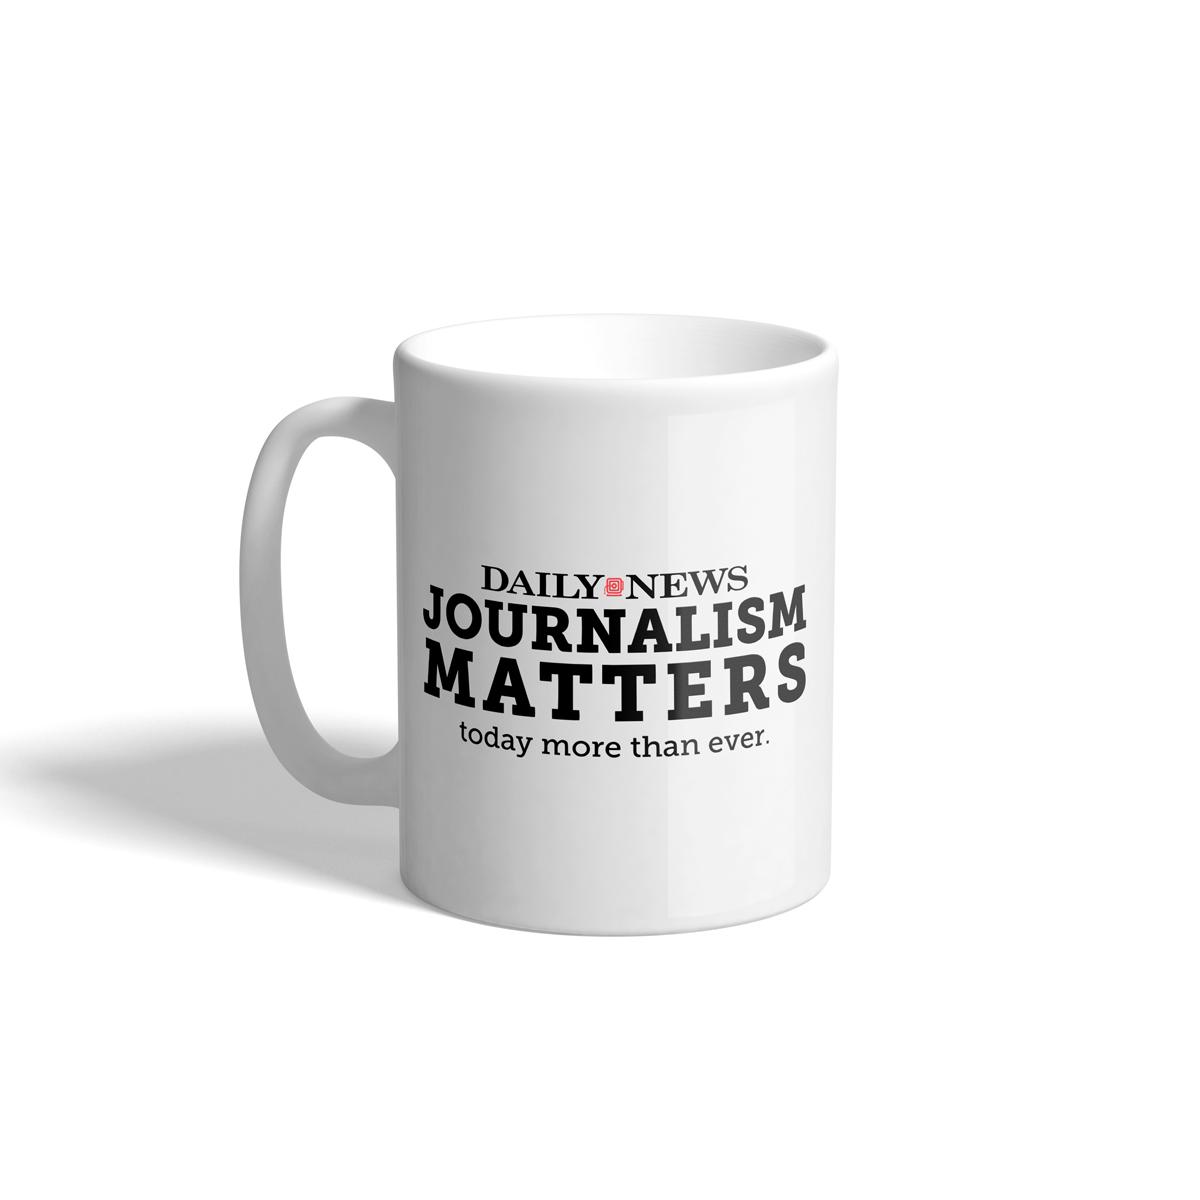 Daily News Journalism Matters Mug